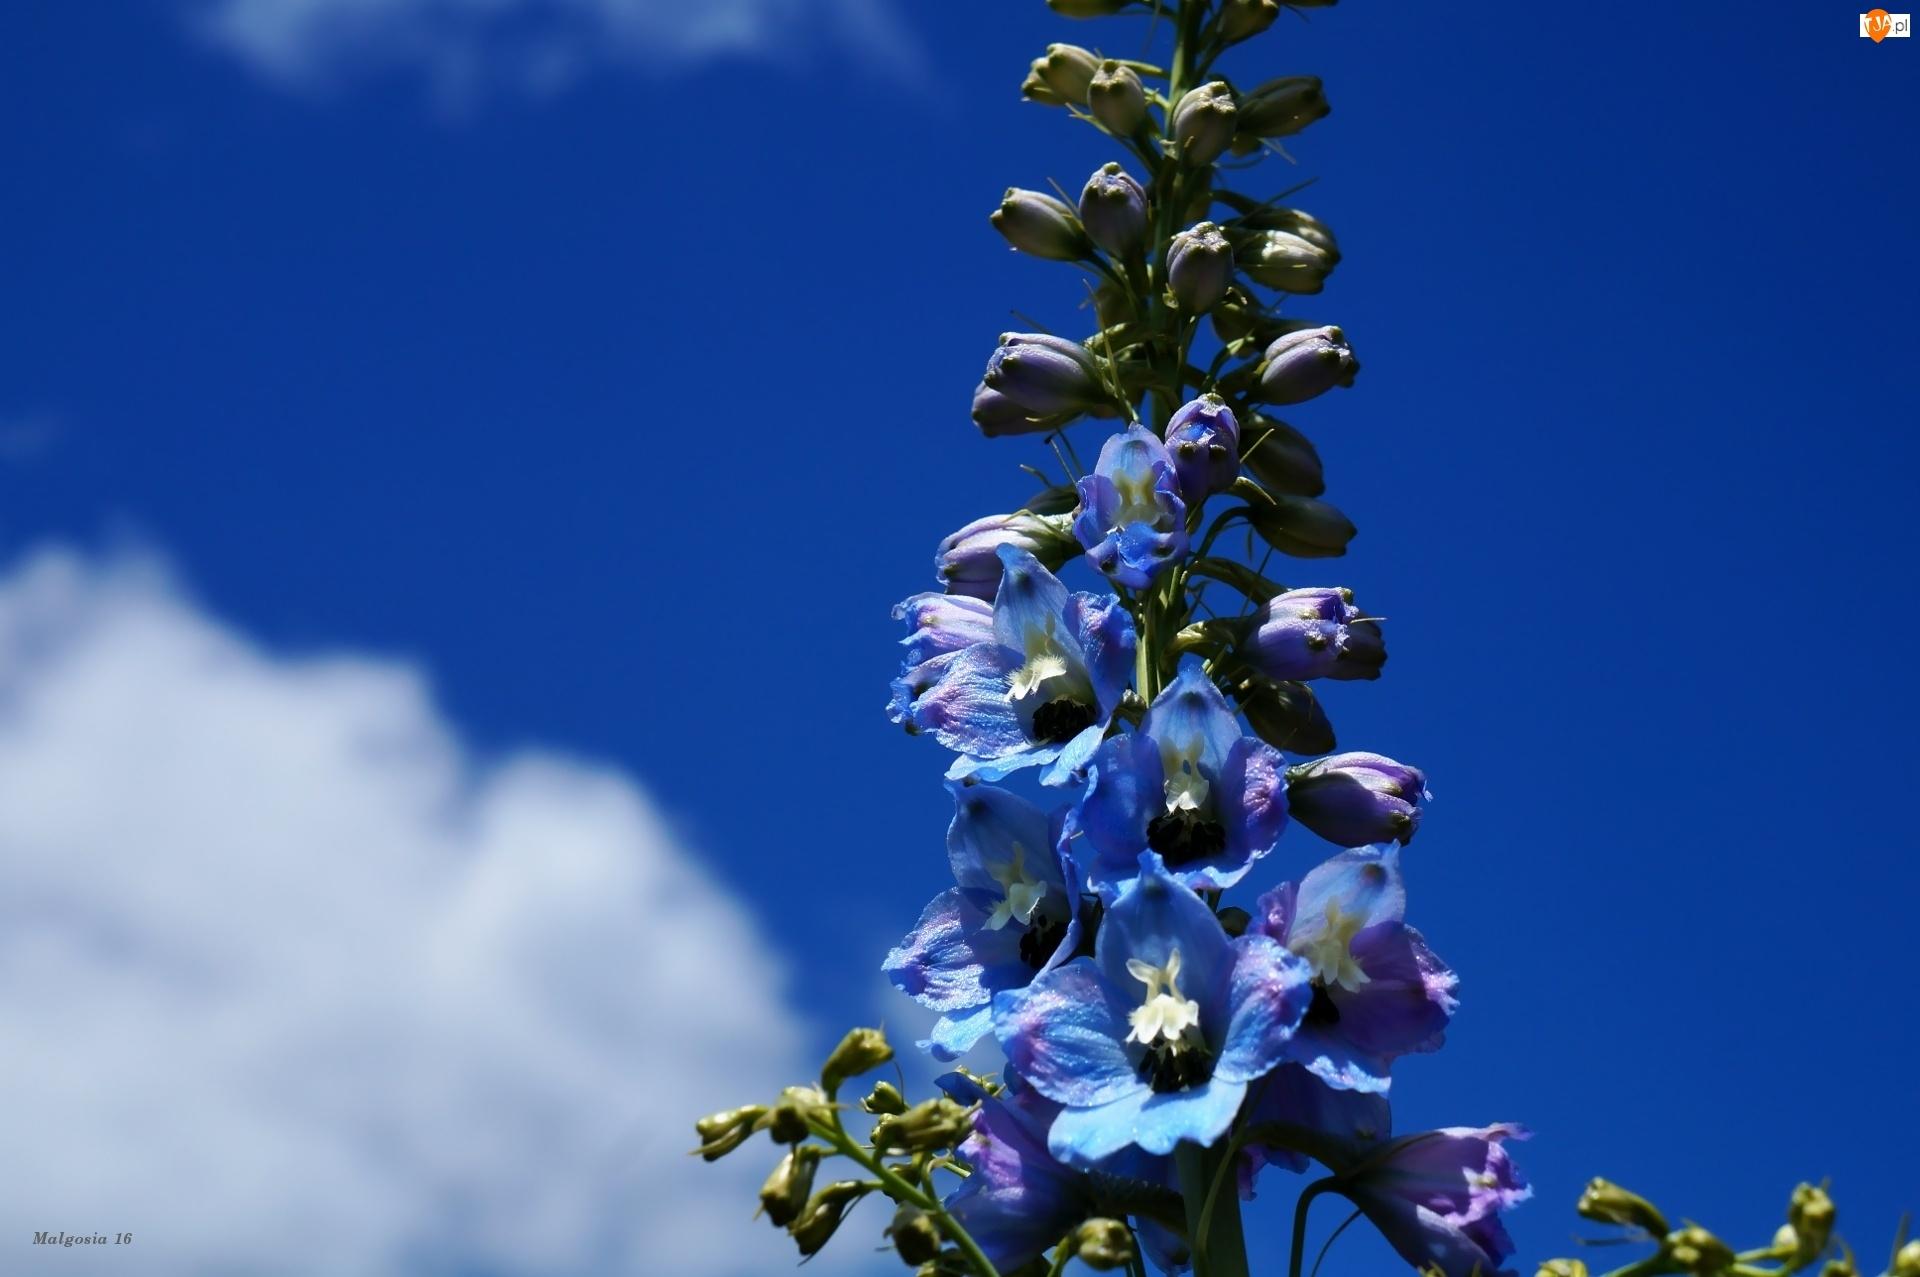 Ostróżka, Chmury, Kwiaty, Niebieskie, Niebo